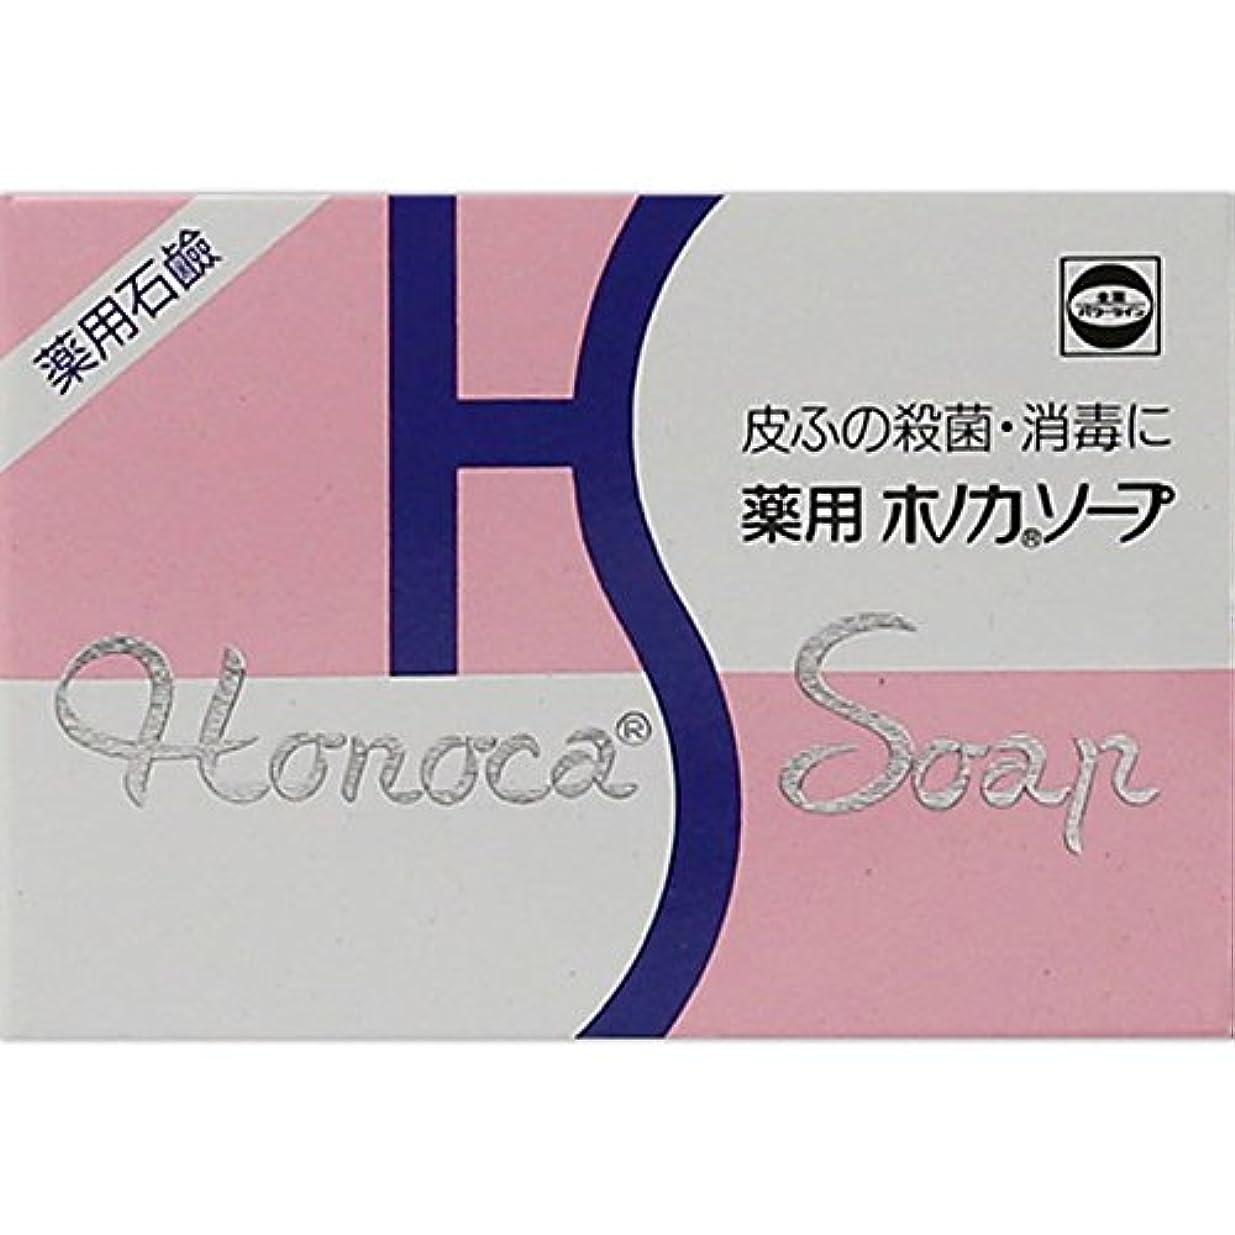 薬用ホノカソープ 80g